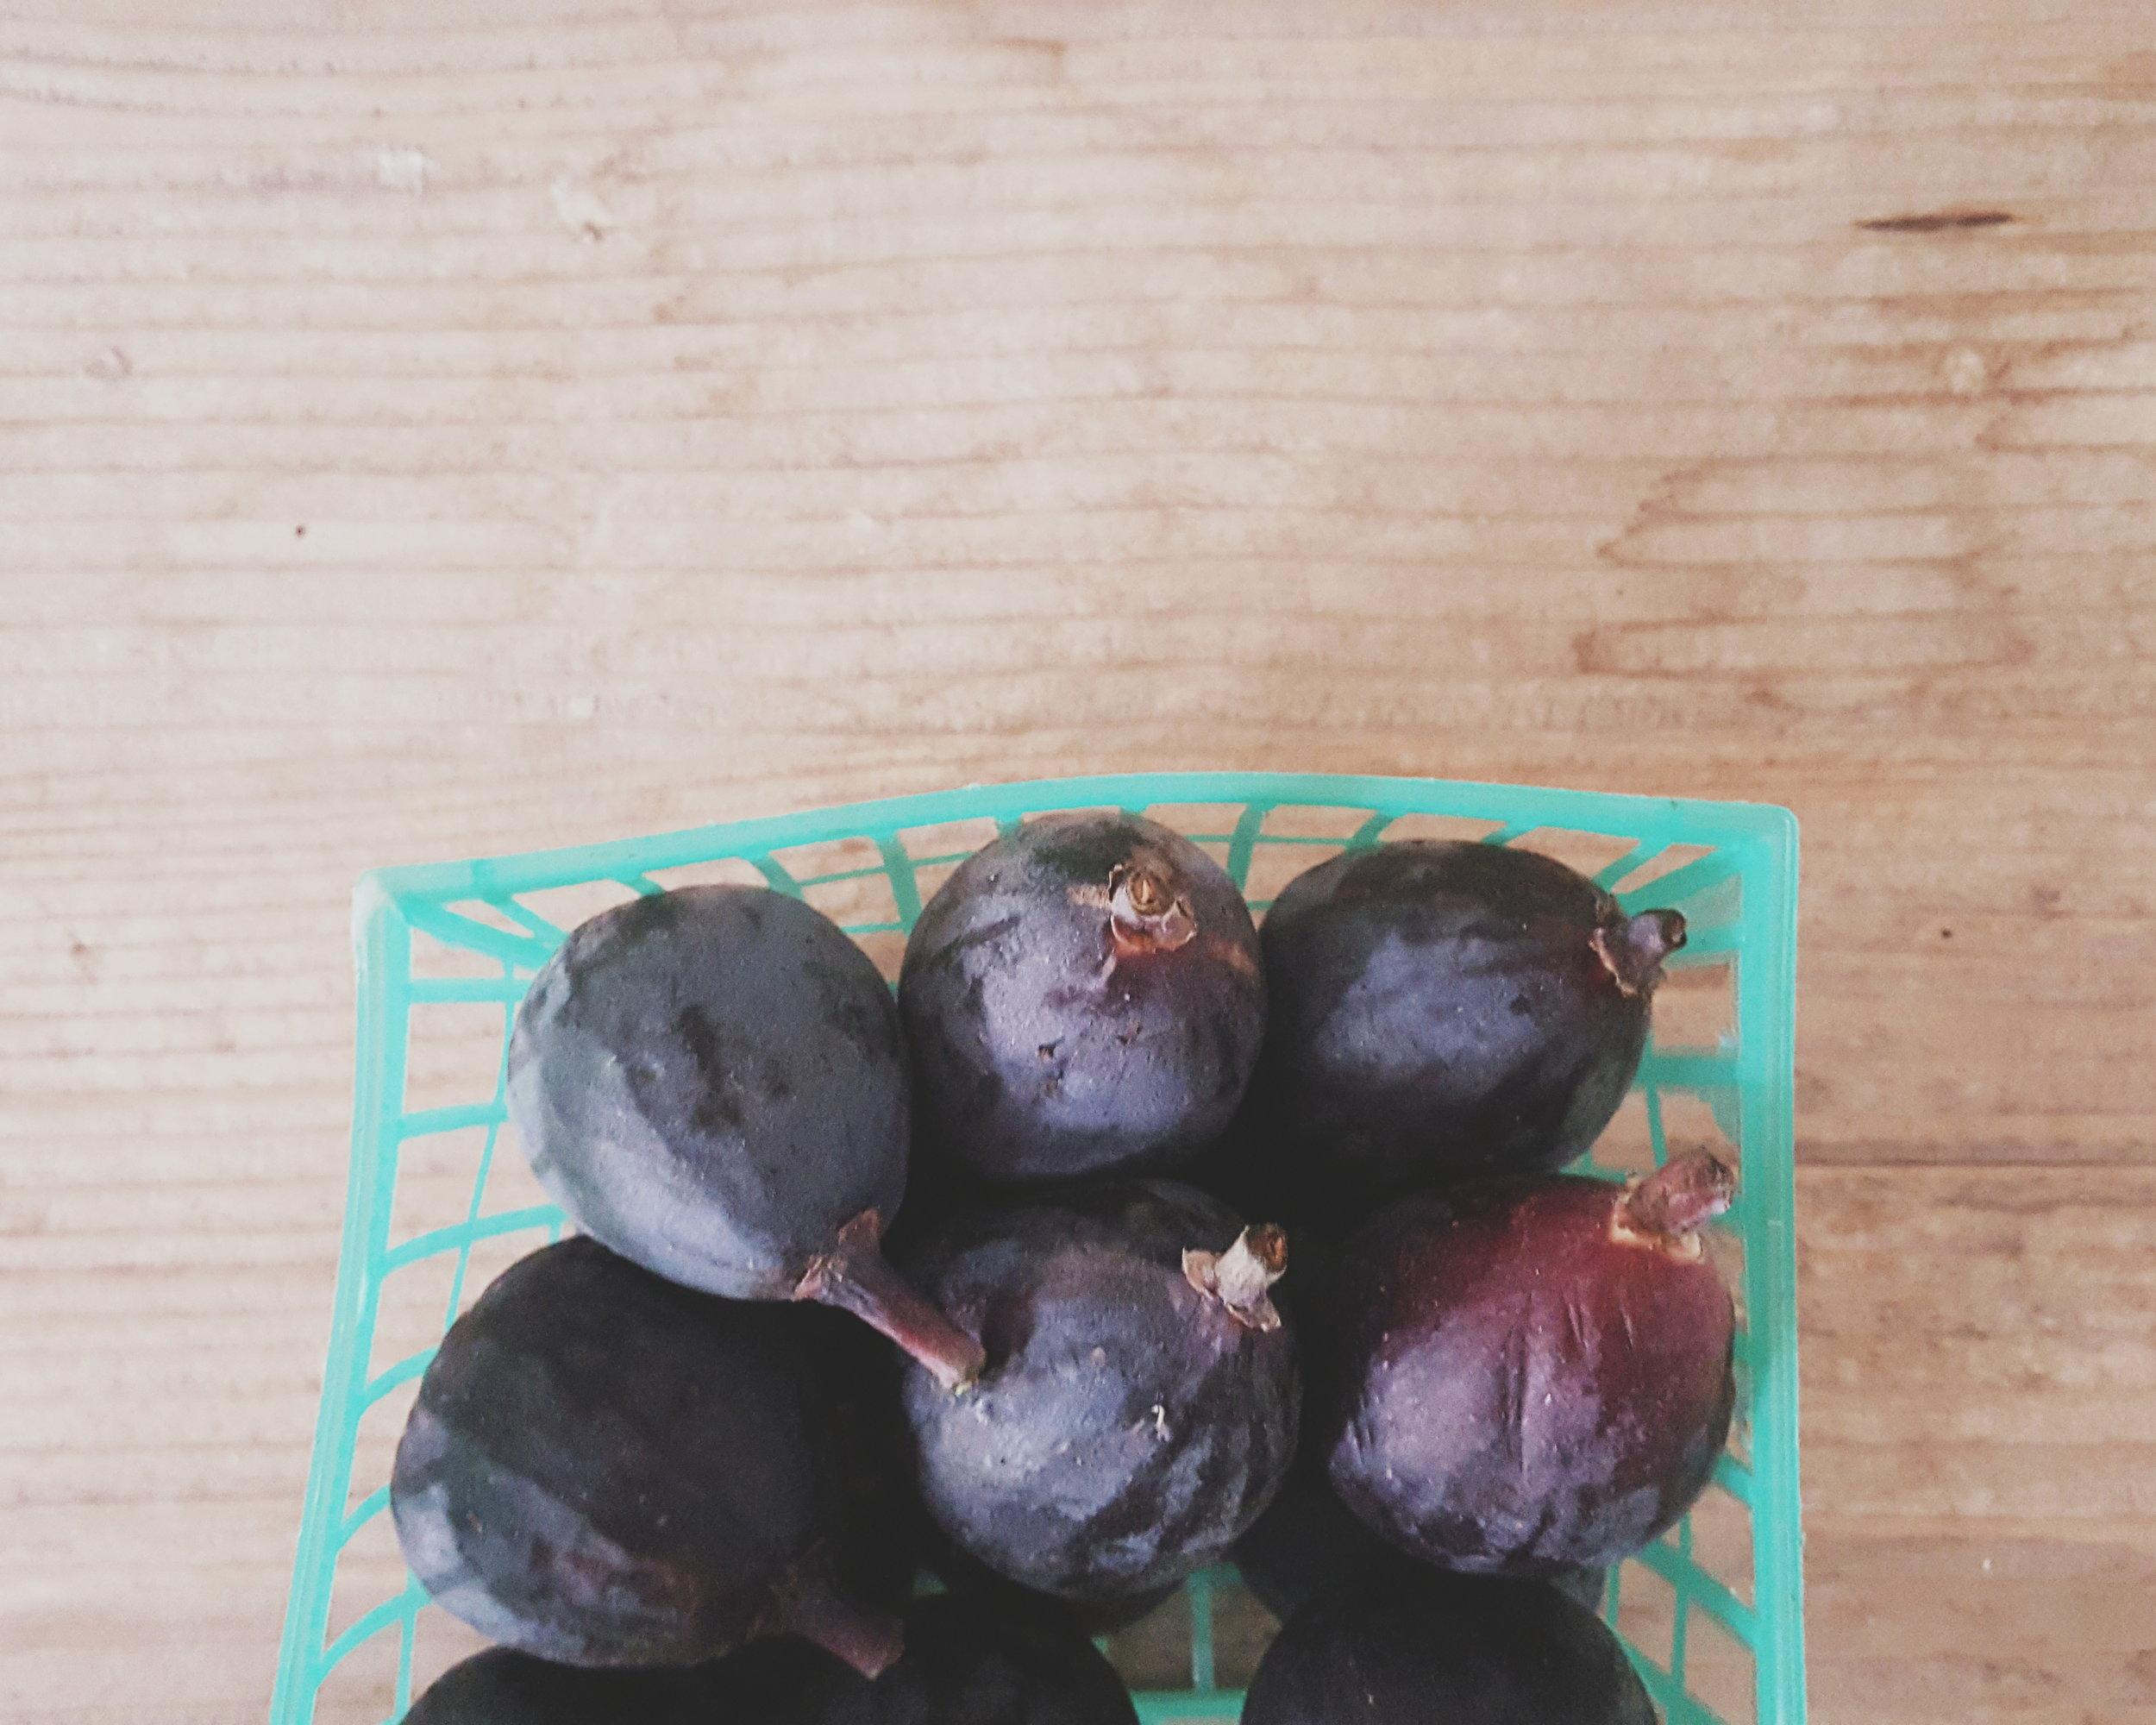 Steel Cut Oats with Orange-Stewed Figs